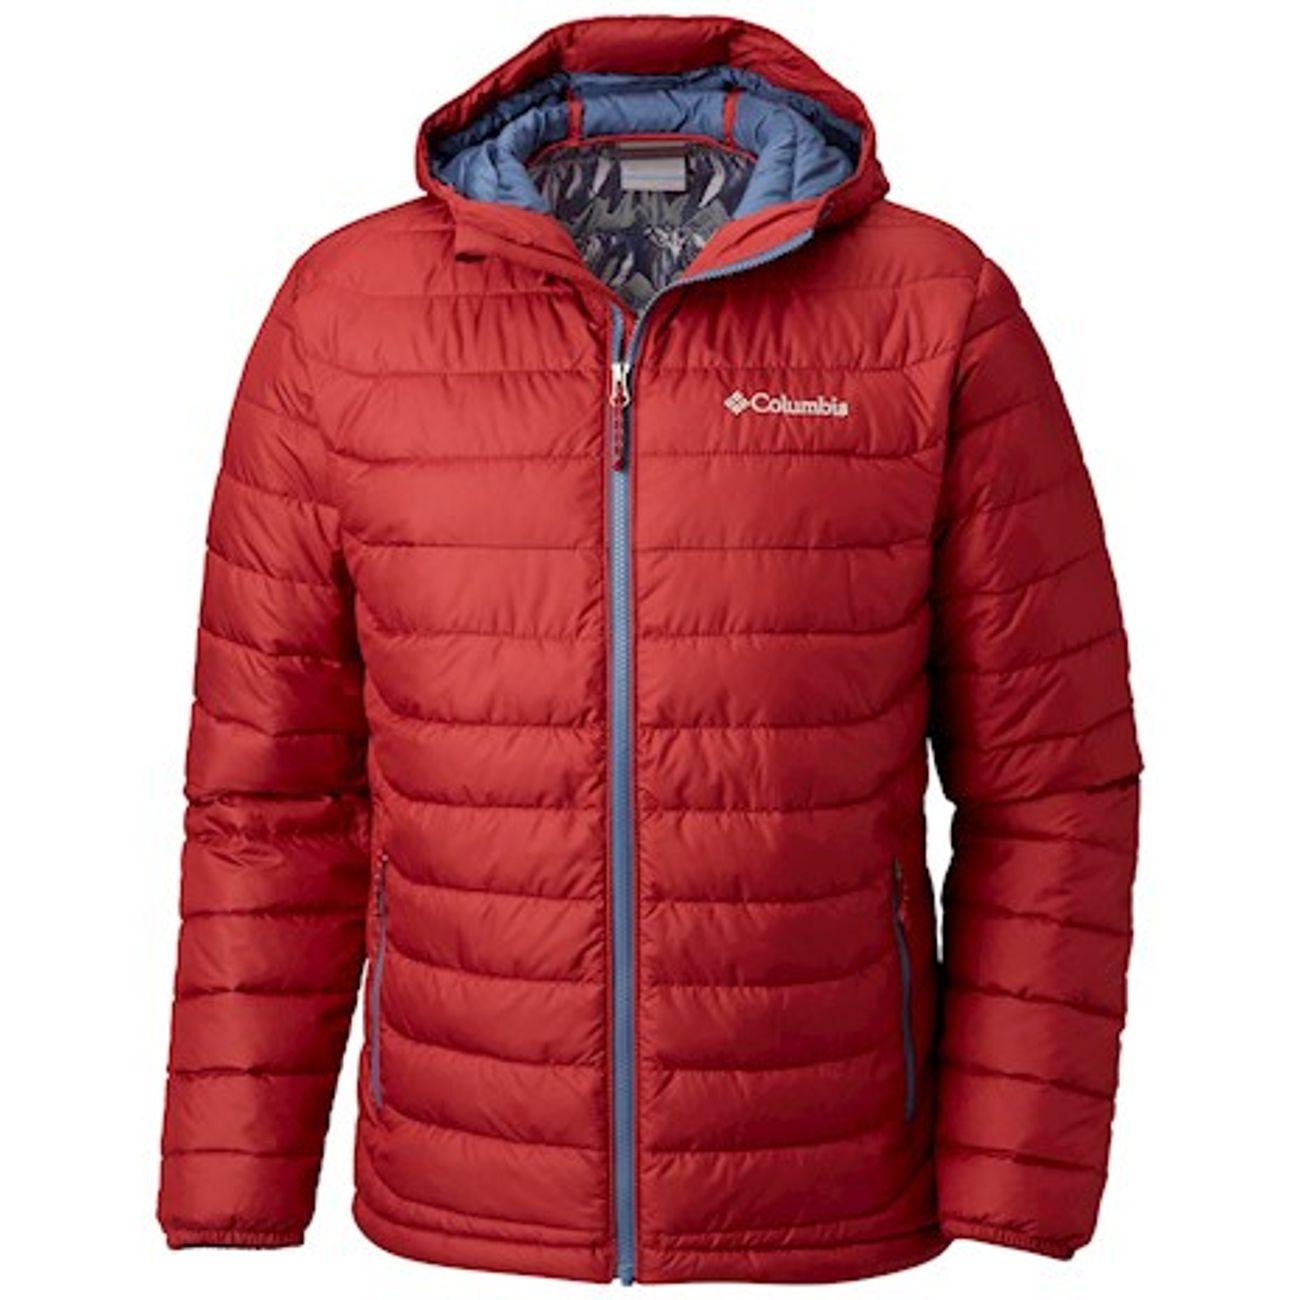 Veste Columbia Powder Lite Hooded rouge gris foncé – achat